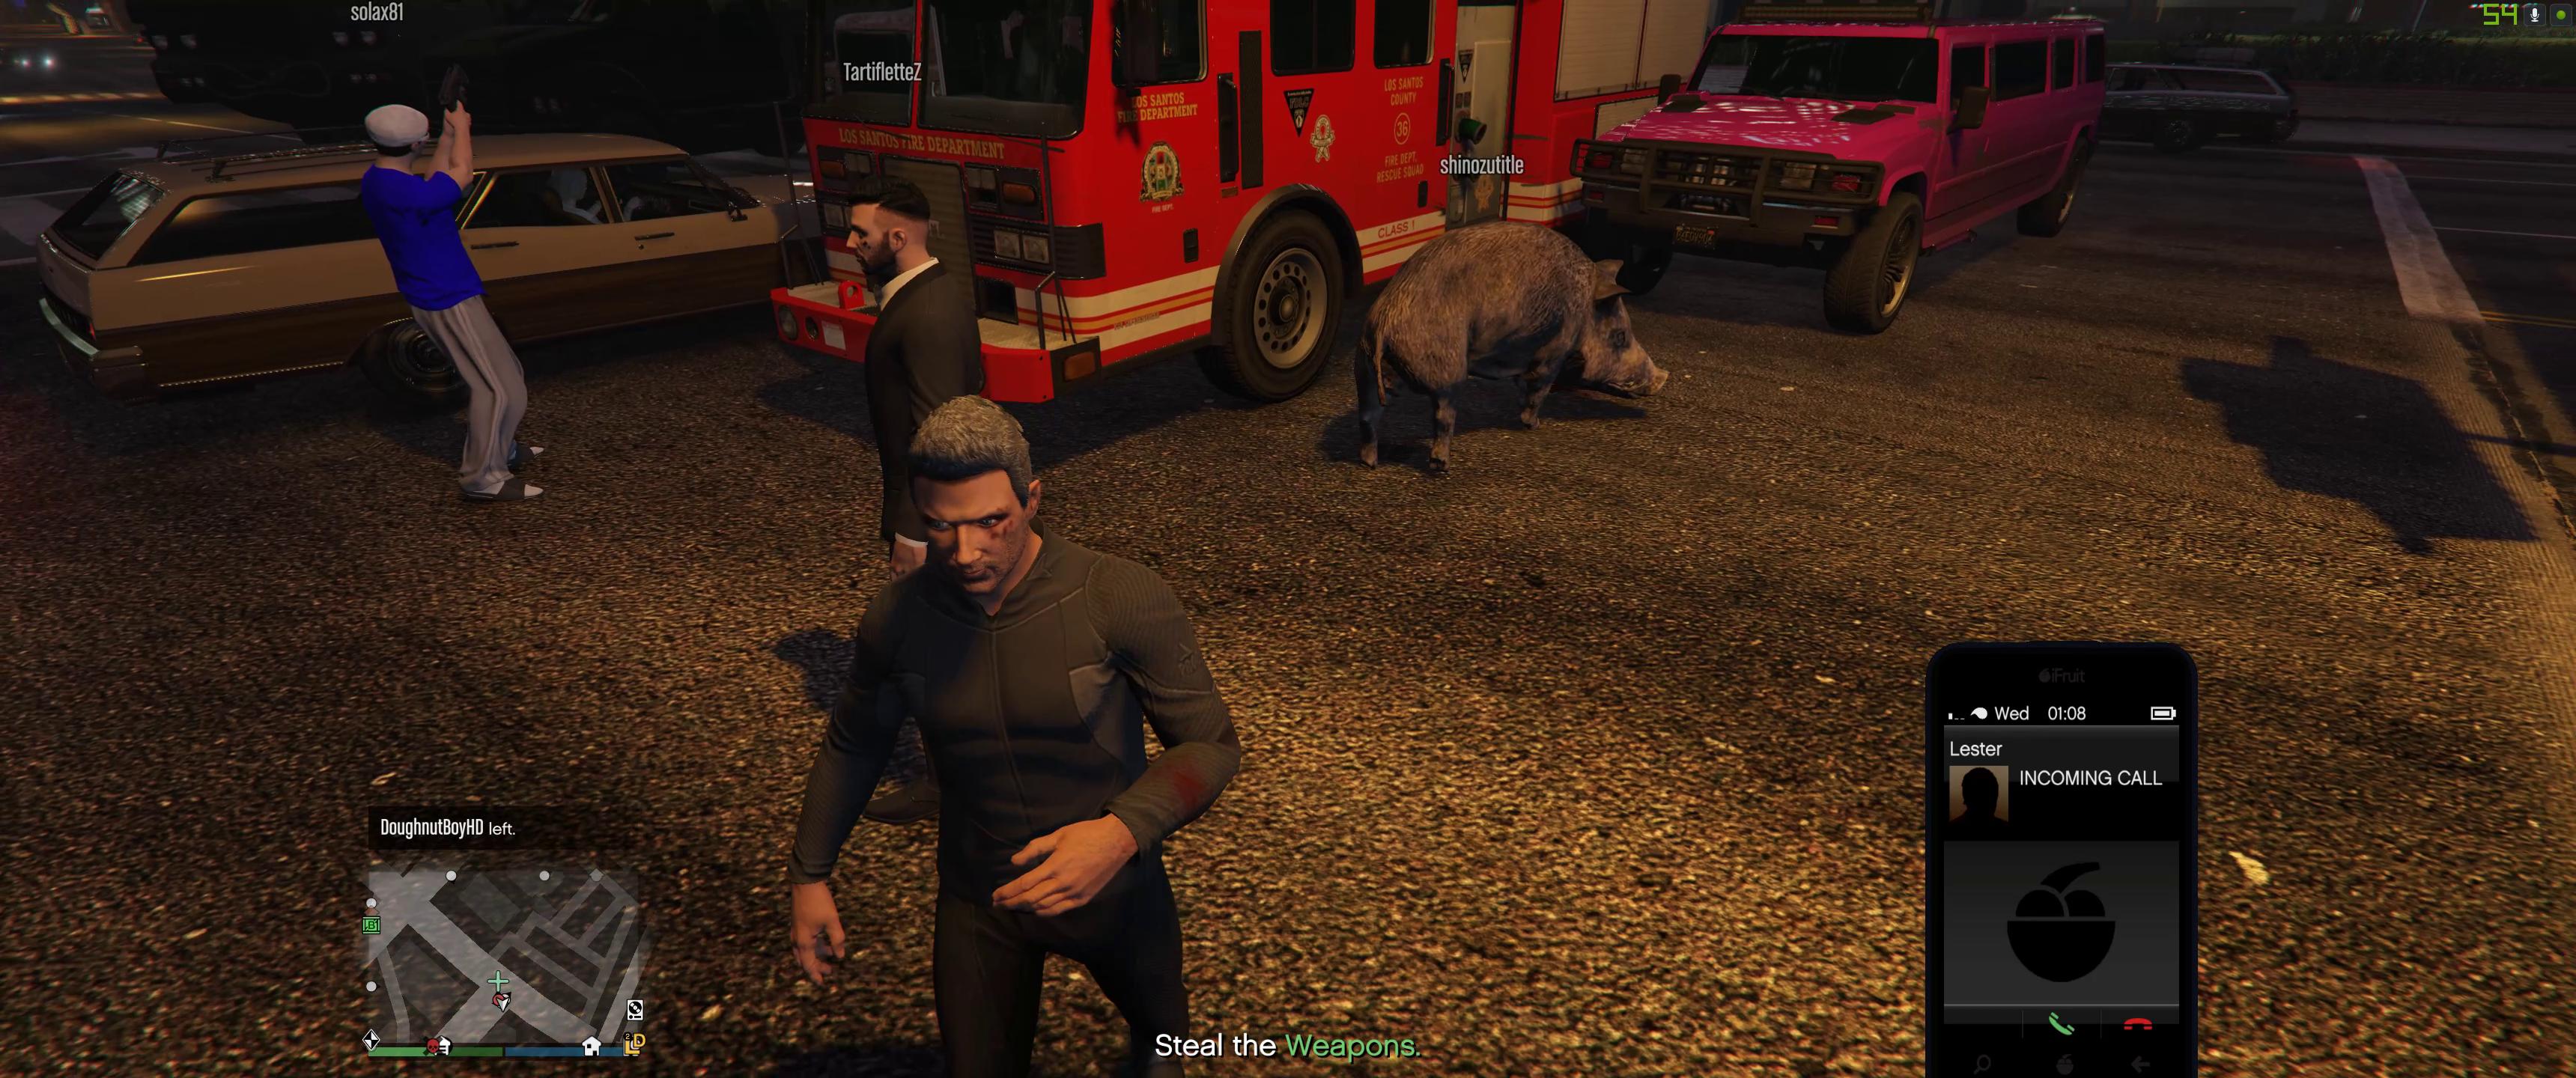 Les pirates en ligne de GTA ont rejoint cette session avec un camion de pompiers volant et un homme déguisé en cochon